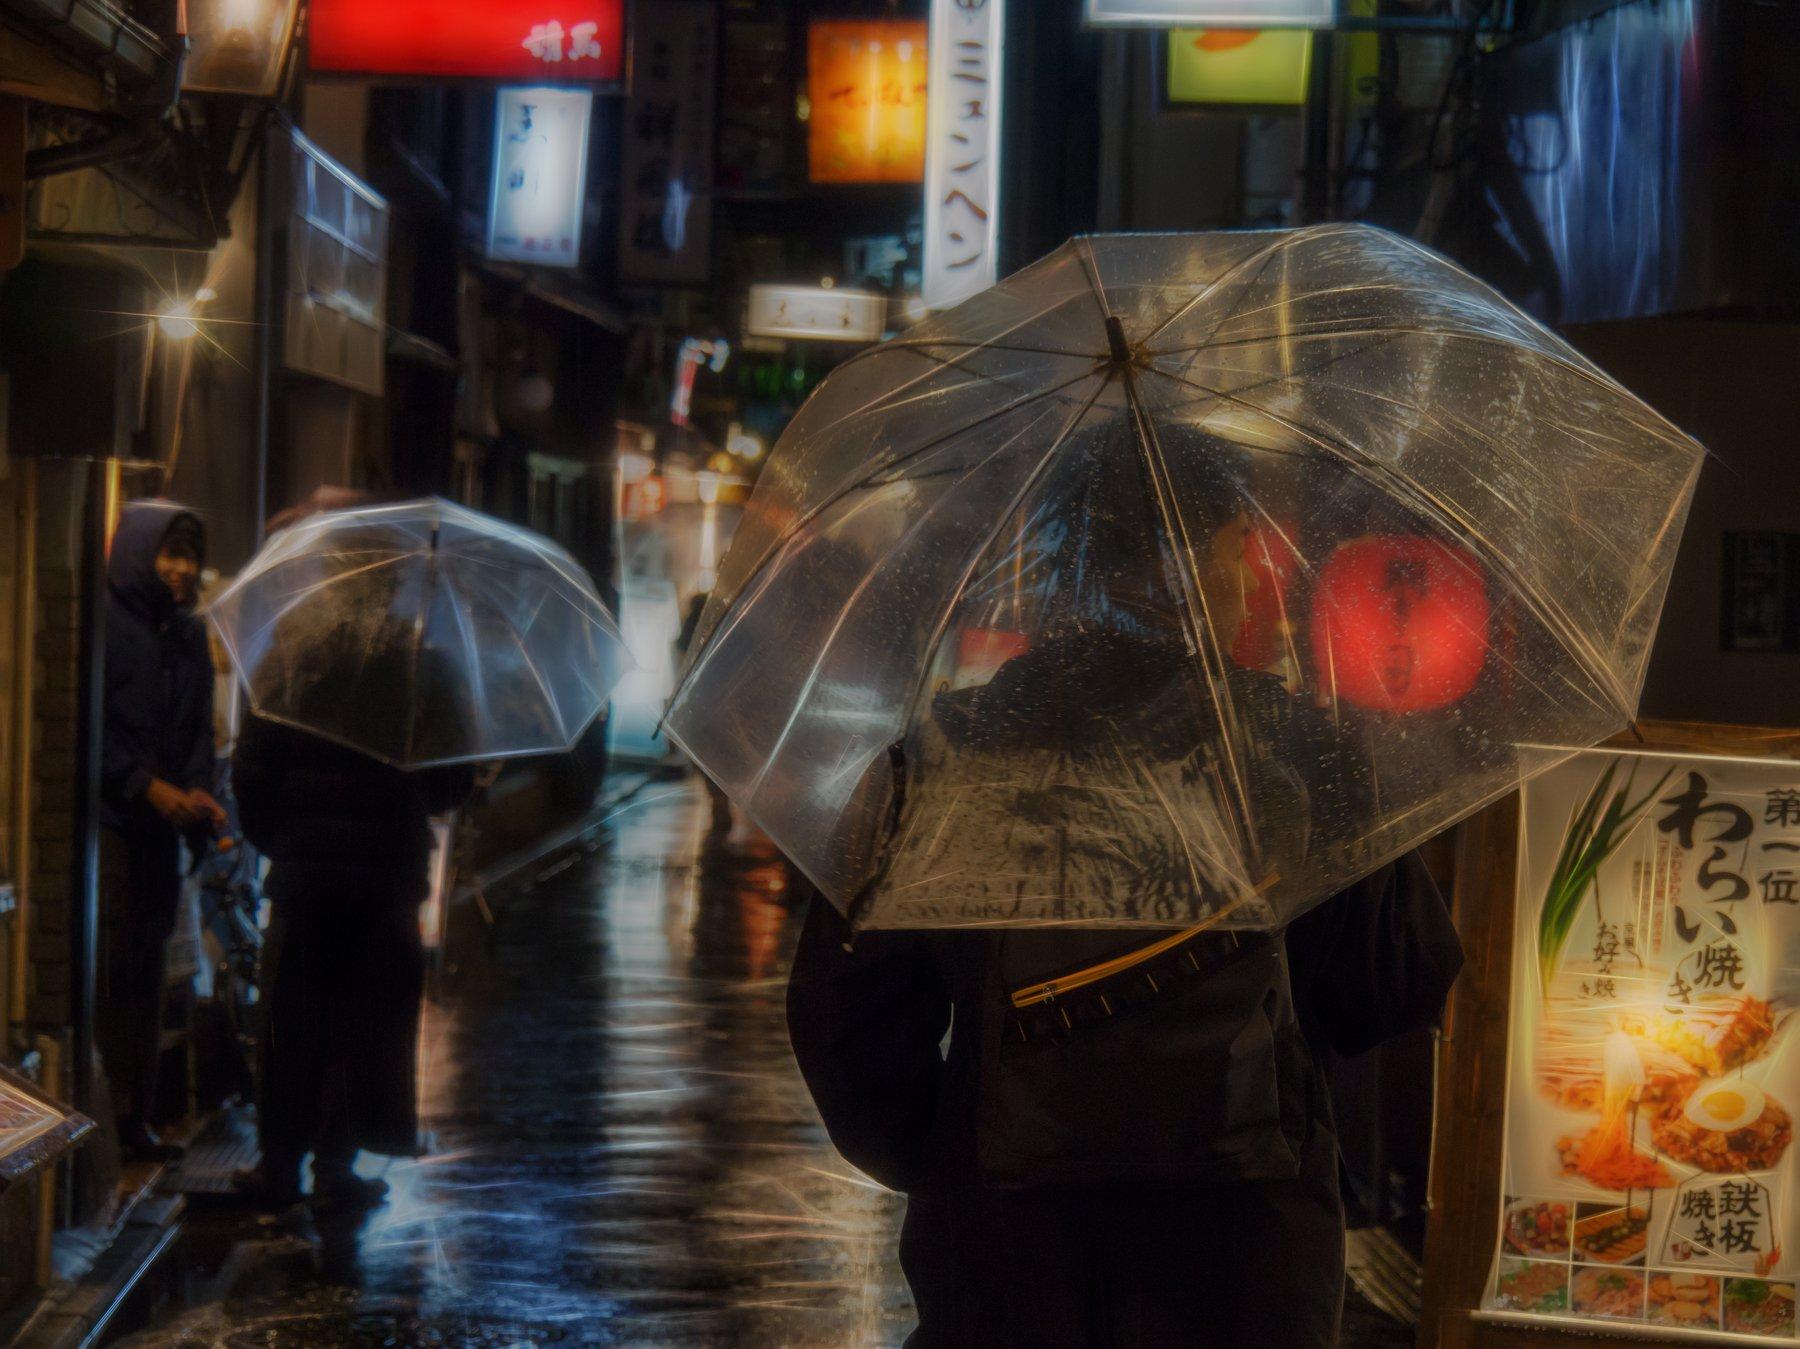 киото, япония, стрит, улица, путешествия, азия, погода, дождь, ночь, город, олимпус, Dmitry